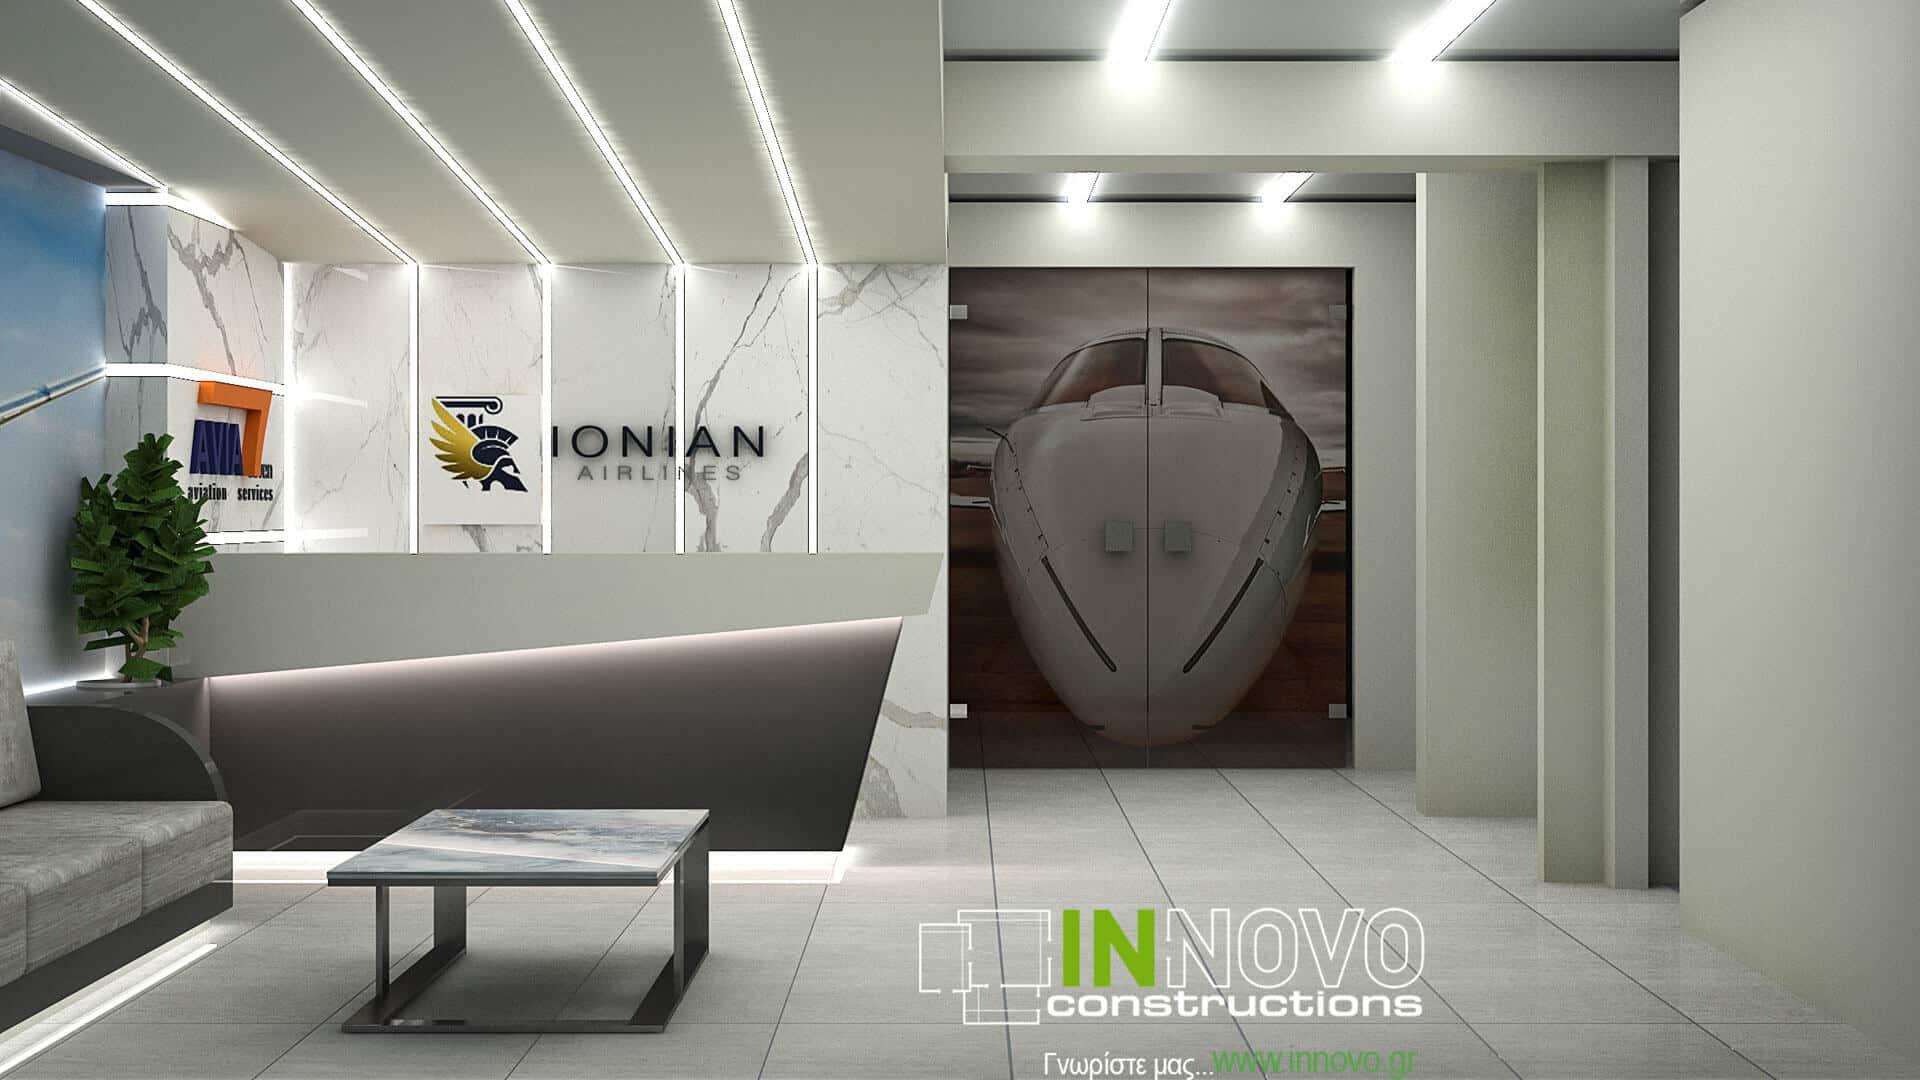 σχεδιασμός-γραφείων-sxediasmos-grafeion-office-design